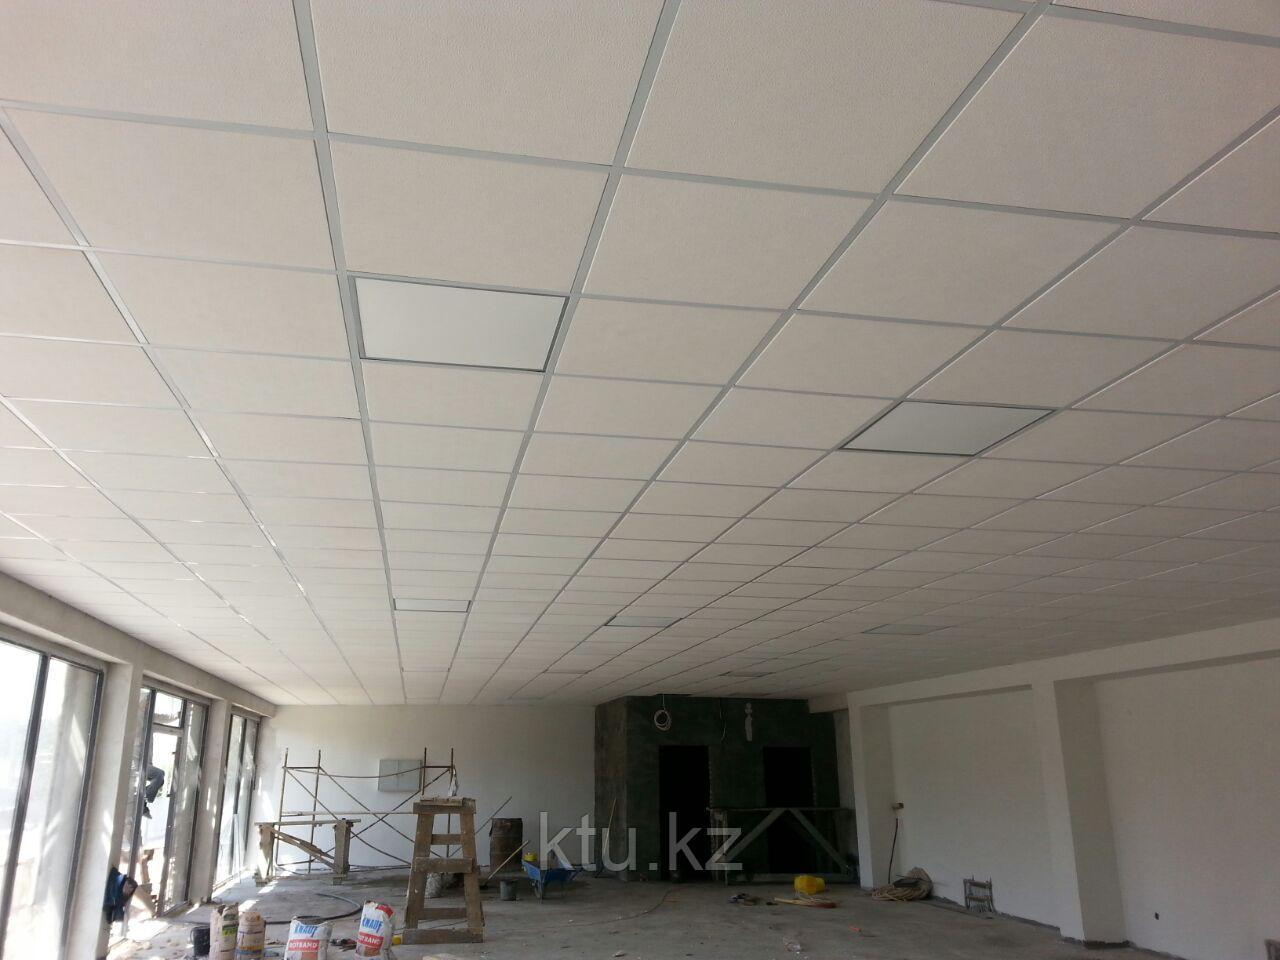 Потолок подвесной плиточного типа